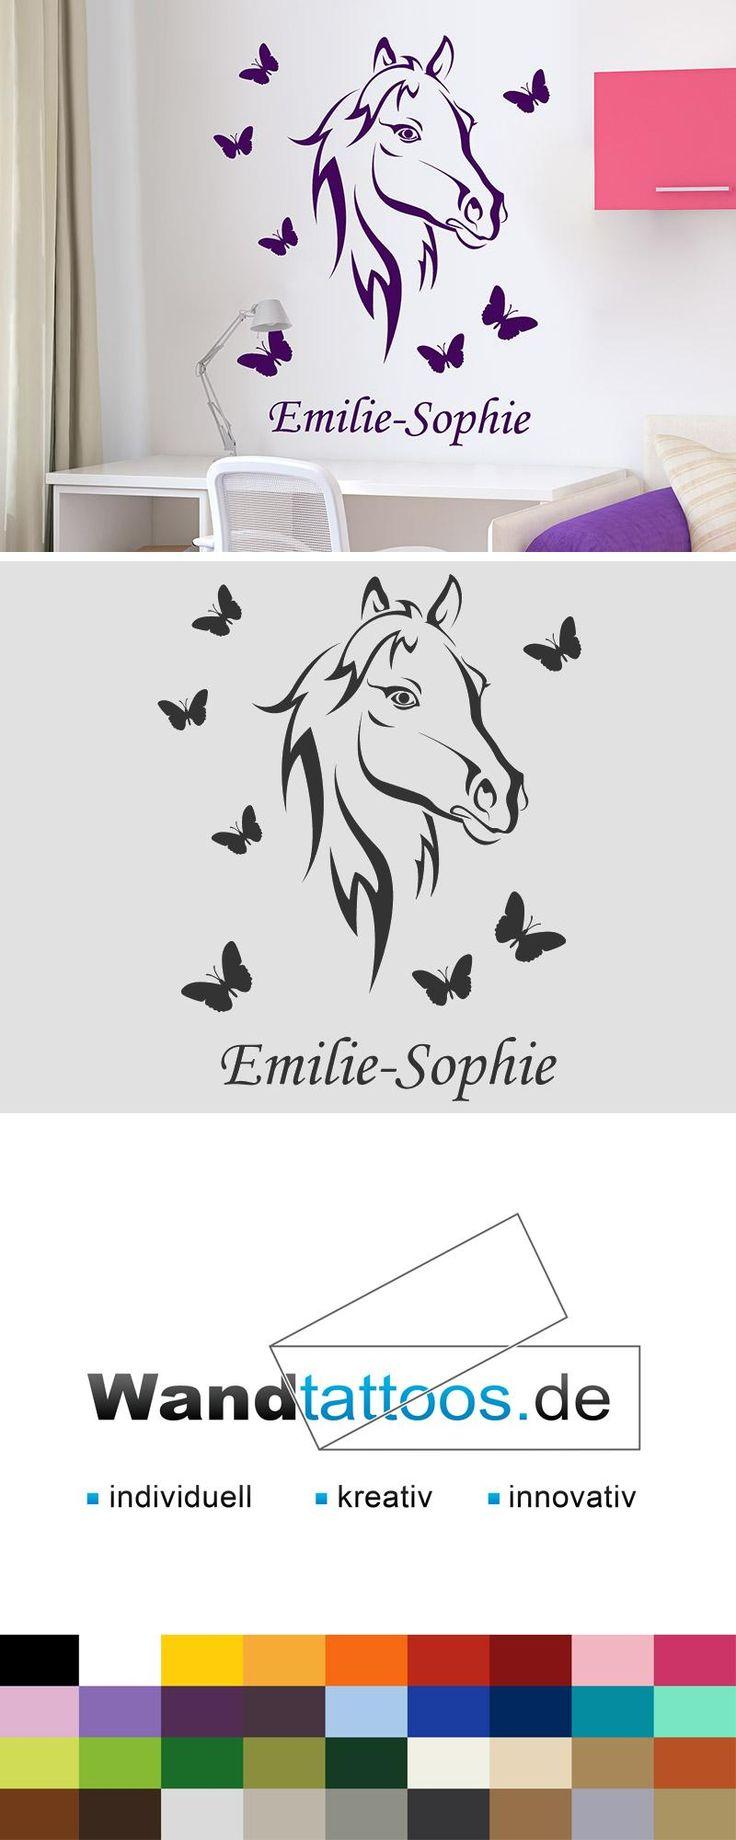 Wandtattoo Pferd mit Wunschname als Idee zur individuellen Wandgestaltung. Einfach Lieblingsfarbe und Größe auswählen. Weitere kreative Anregungen von Wandtattoos.de hier entdecken!